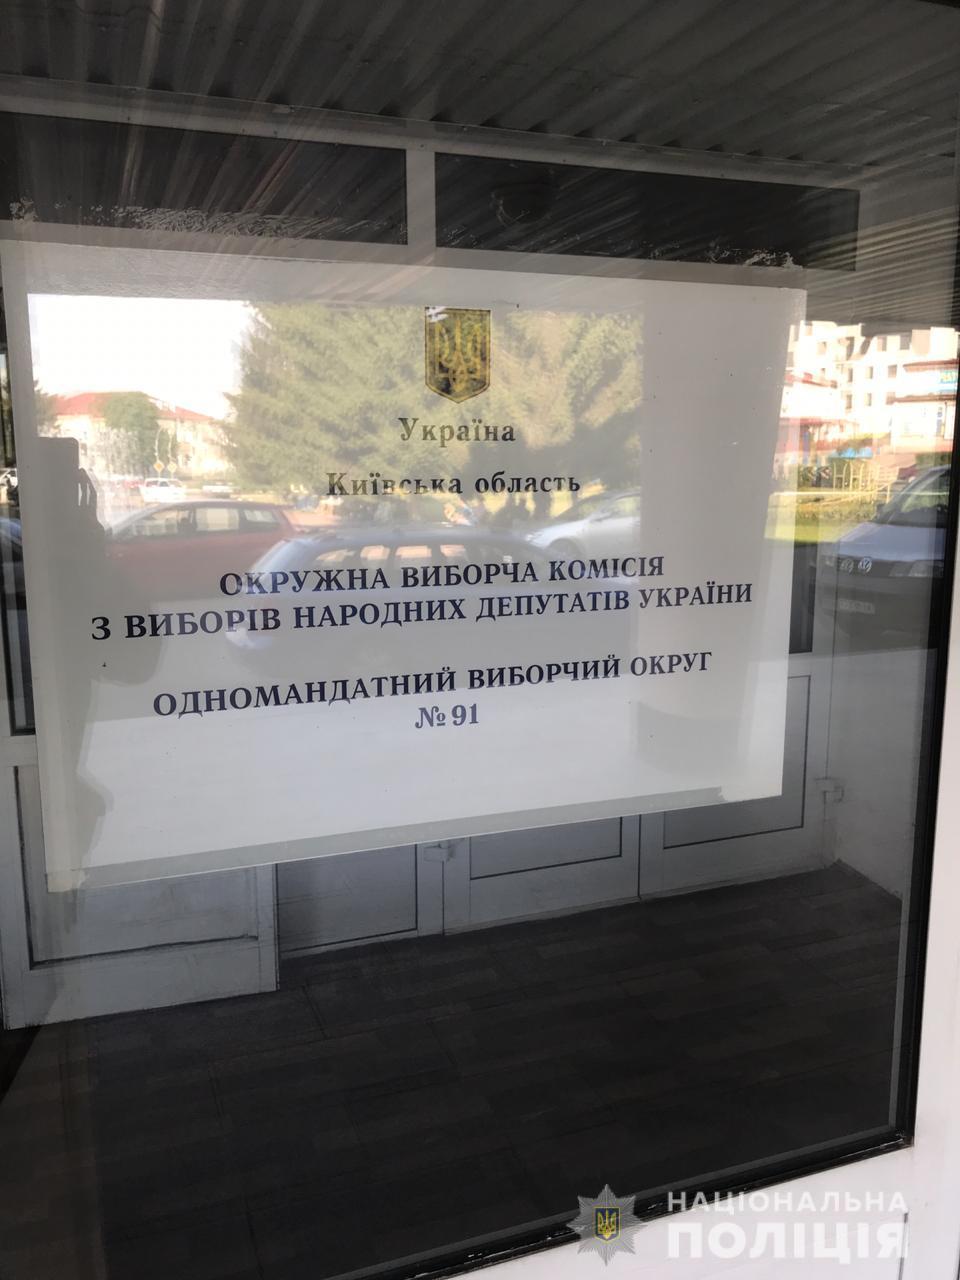 91-2 Розпочато досудове розслідування щодо підкупу членів ОВК № 91